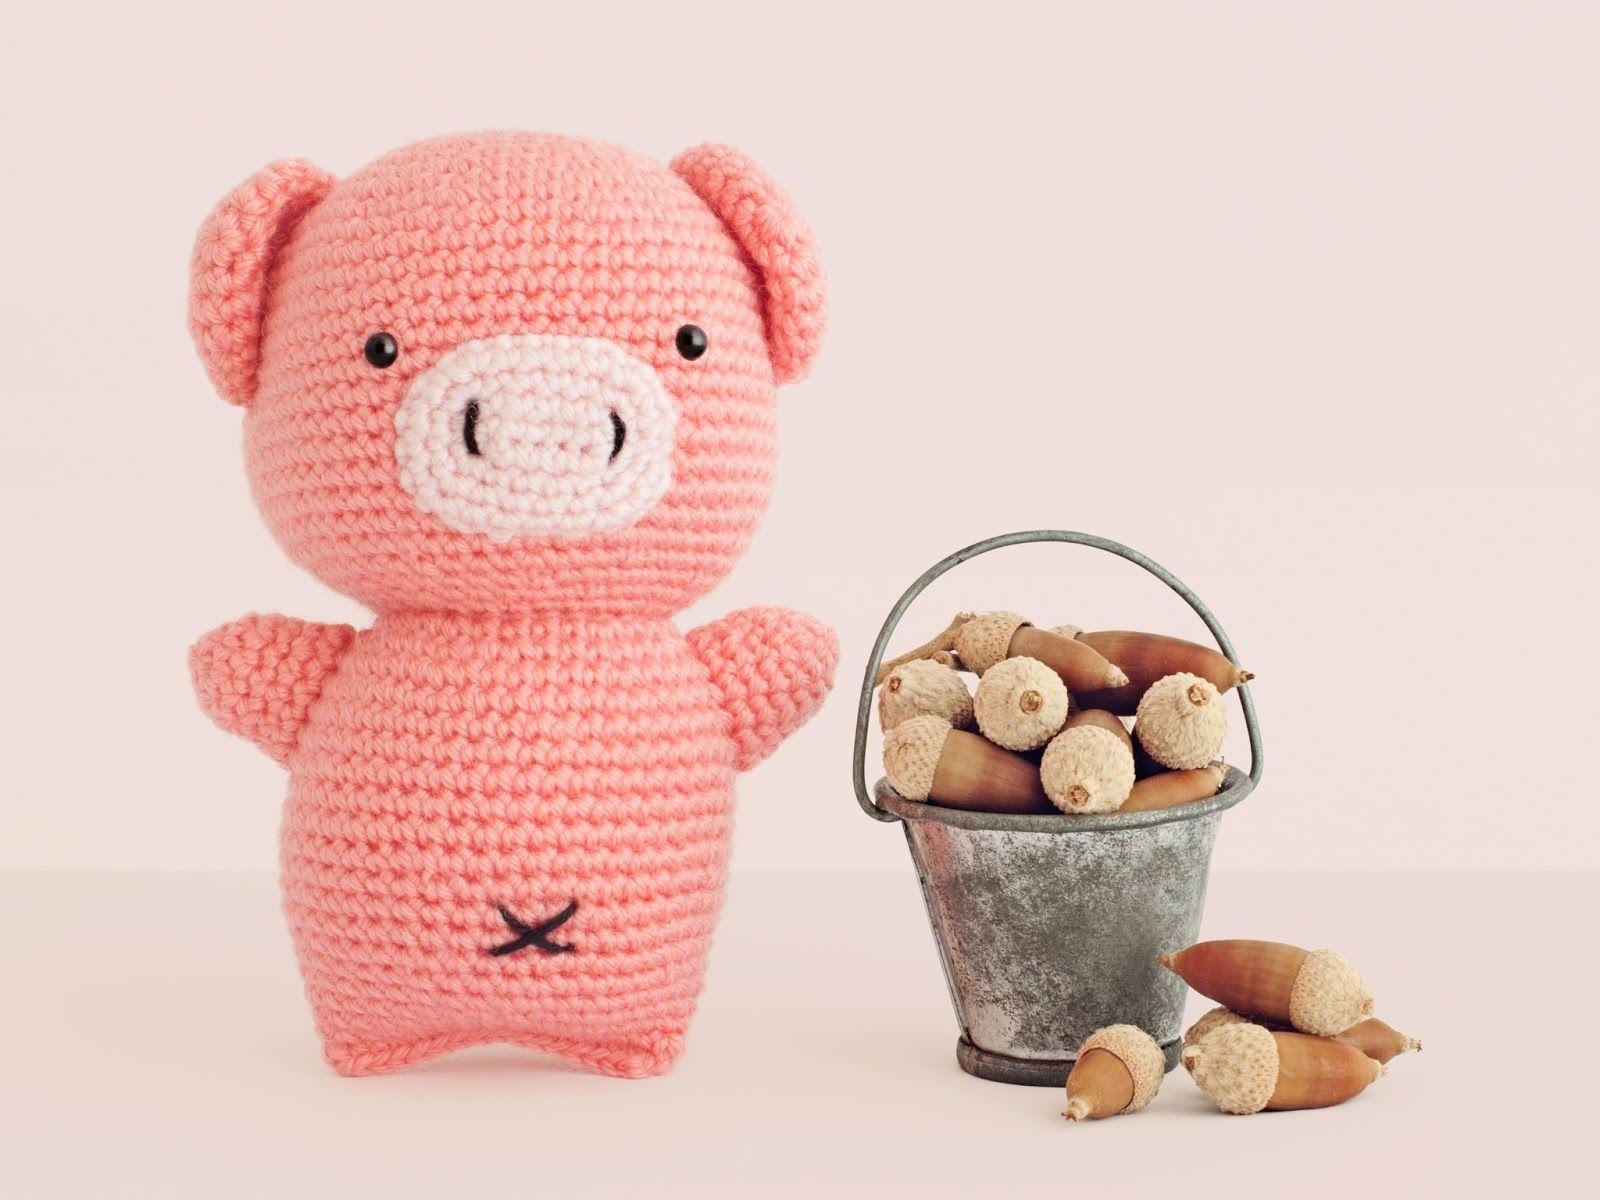 Amigurumi Schemi Italiano Gratis : Amigurumi cerdo enlace a patrón gratis crochet baby: amigurumi